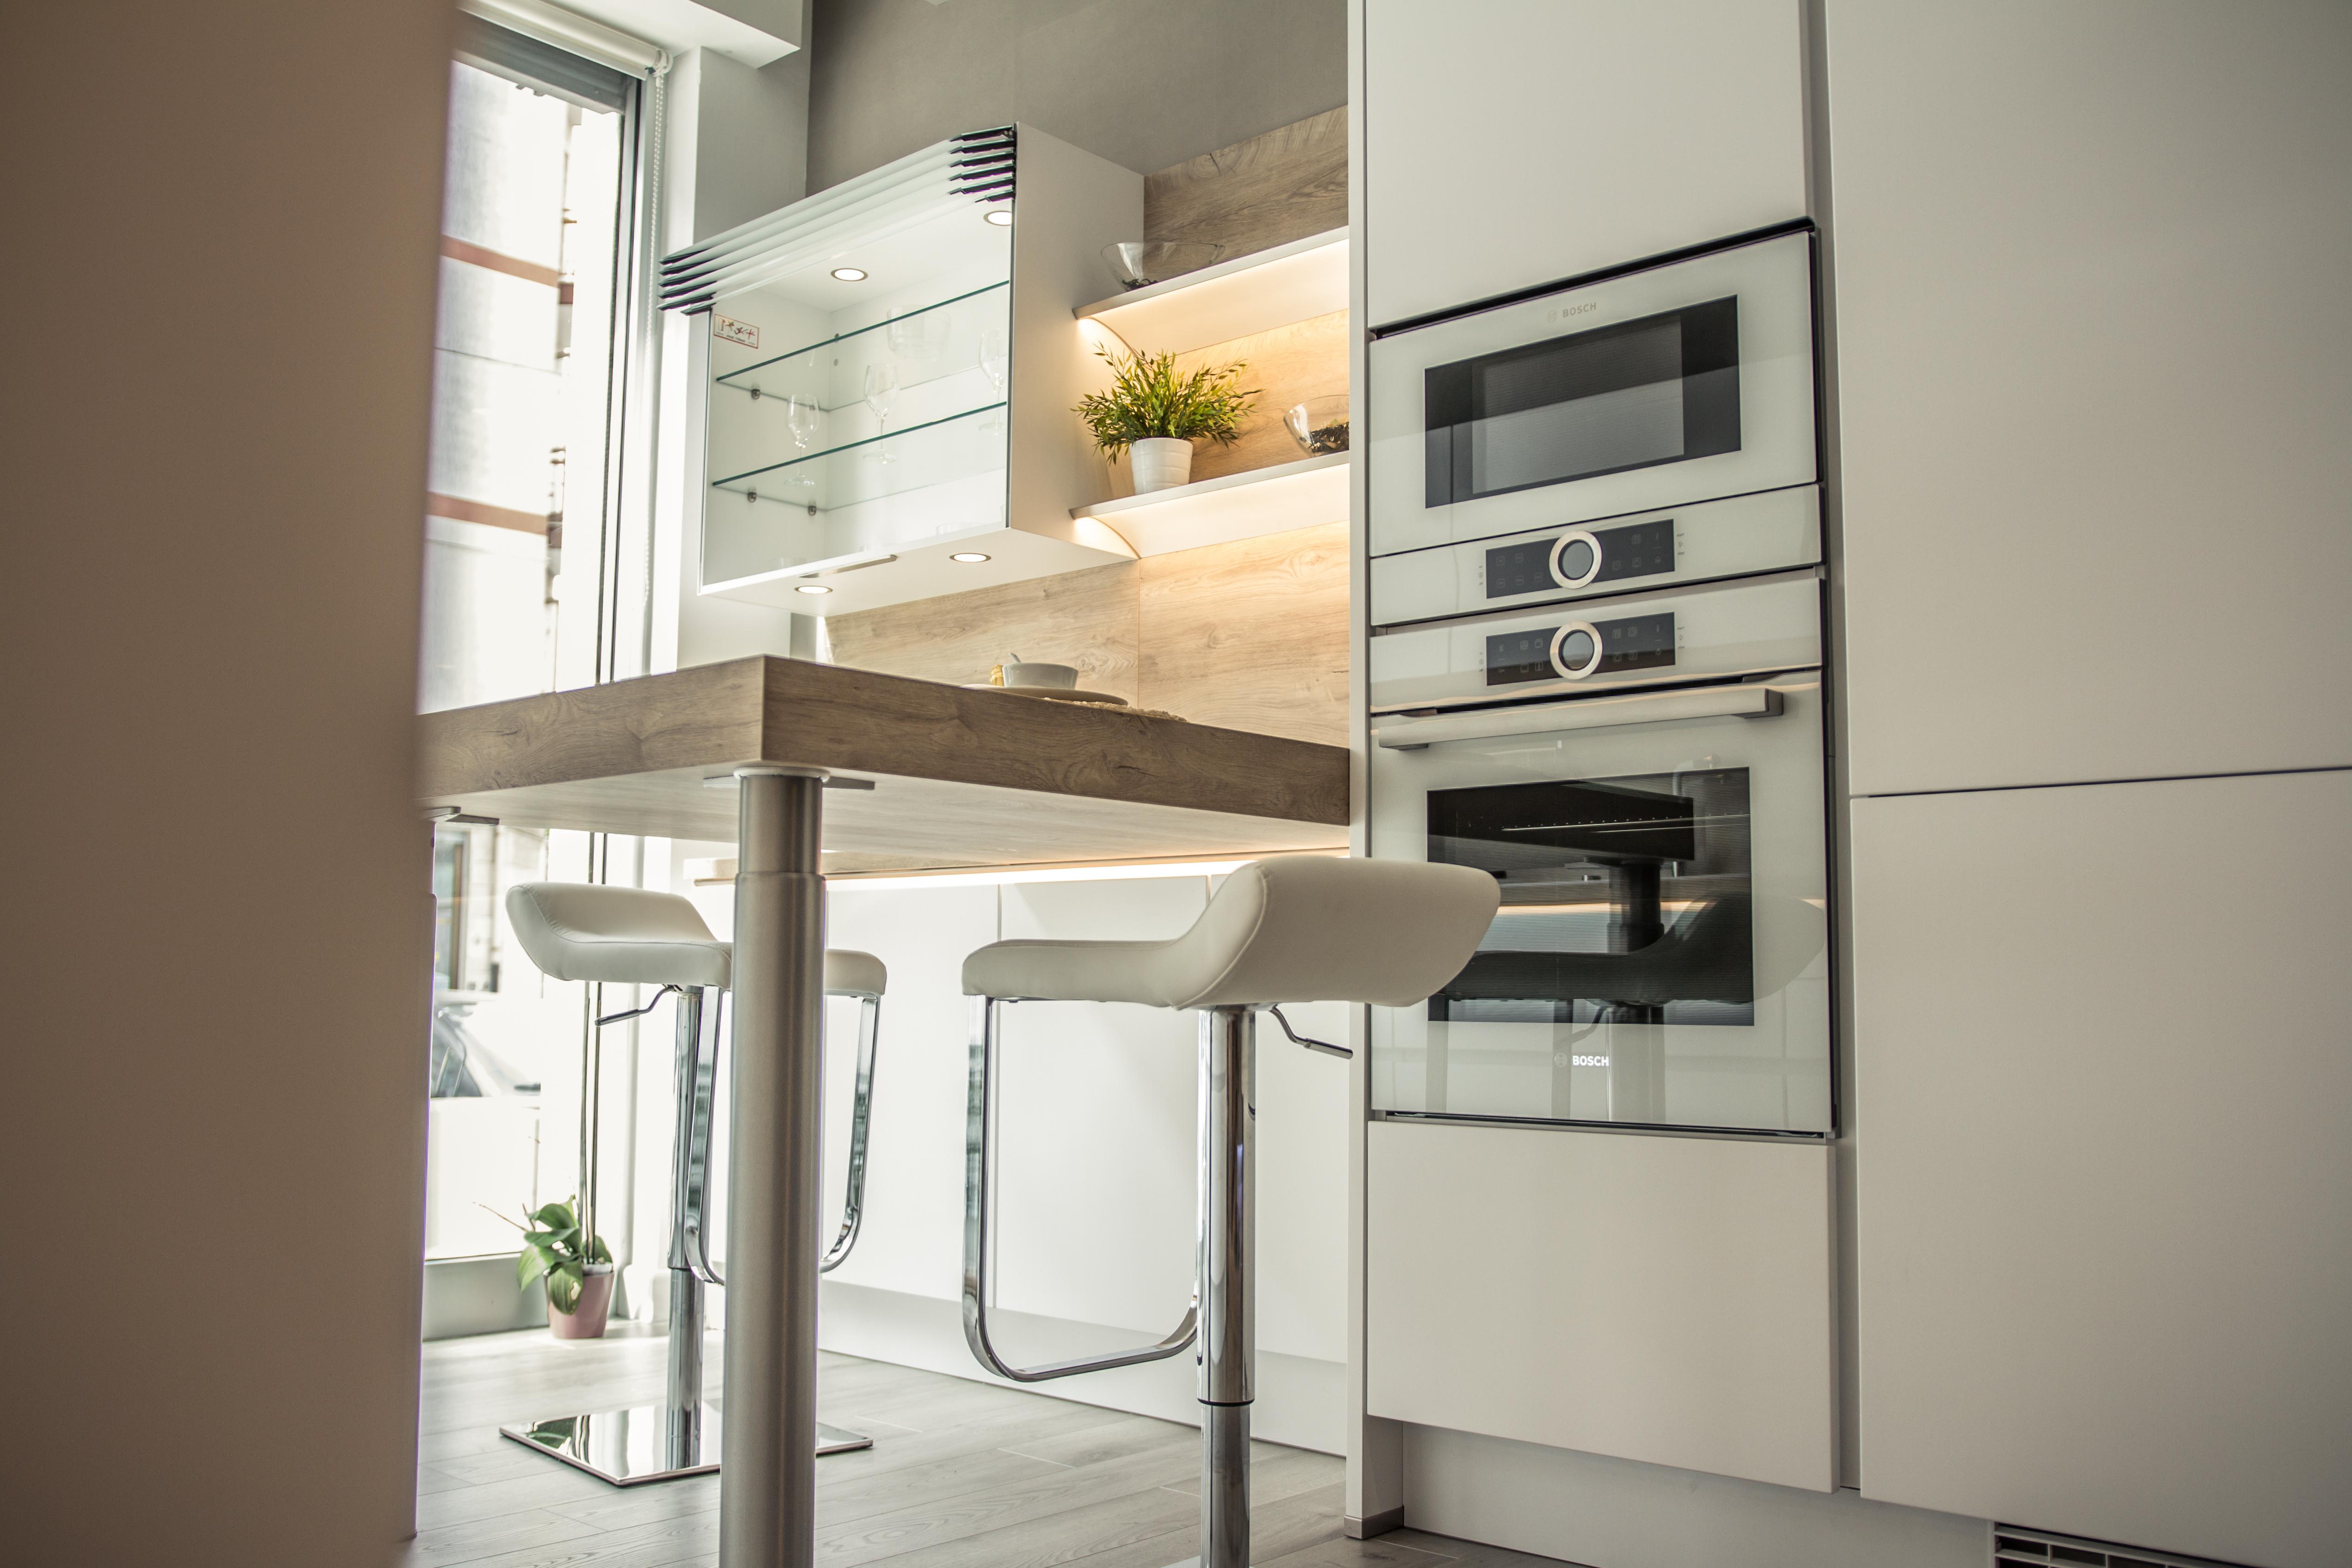 Il design della cucina bianca _SoluzioniCasa Martina Franca